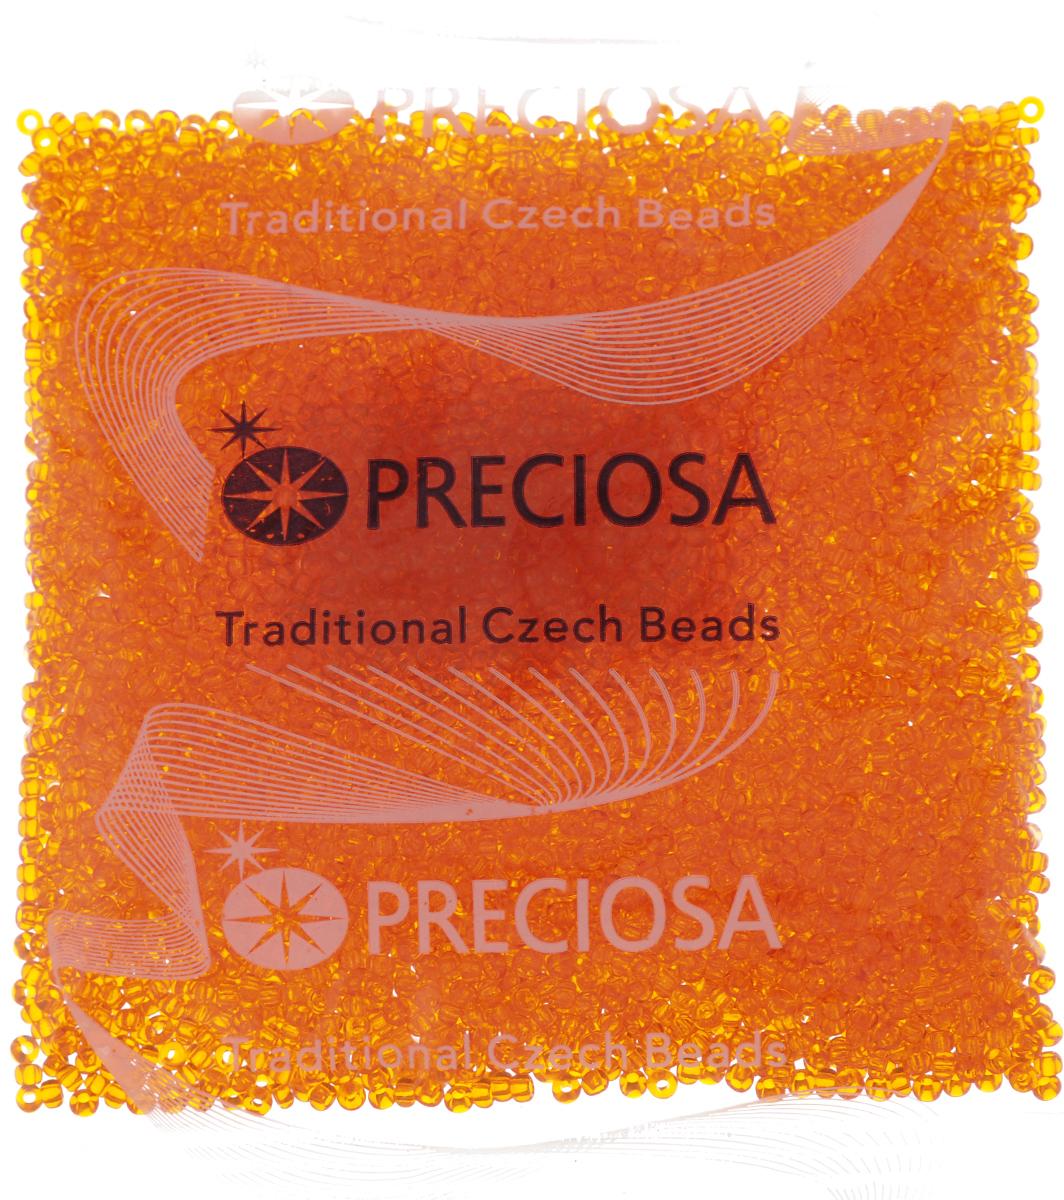 Бисер Preciosa Ассорти, прозрачный, цвет: оранжевый (00), 10/0, 50 г. 163142163142_00_оранжевыйБисер Preciosa Ассорти, изготовленный из стекла круглой формы, позволит вам своими руками создать оригинальные ожерелья, бусы или браслеты, а также заняться вышиванием. В бисероплетении часто используют бисер разных размеров и цветов. Он идеально подойдет для вышивания на предметах быта и женской одежде. Изготовление украшений - занимательное хобби и реализация творческих способностей рукодельницы, это возможность создания неповторимого индивидуального подарка.